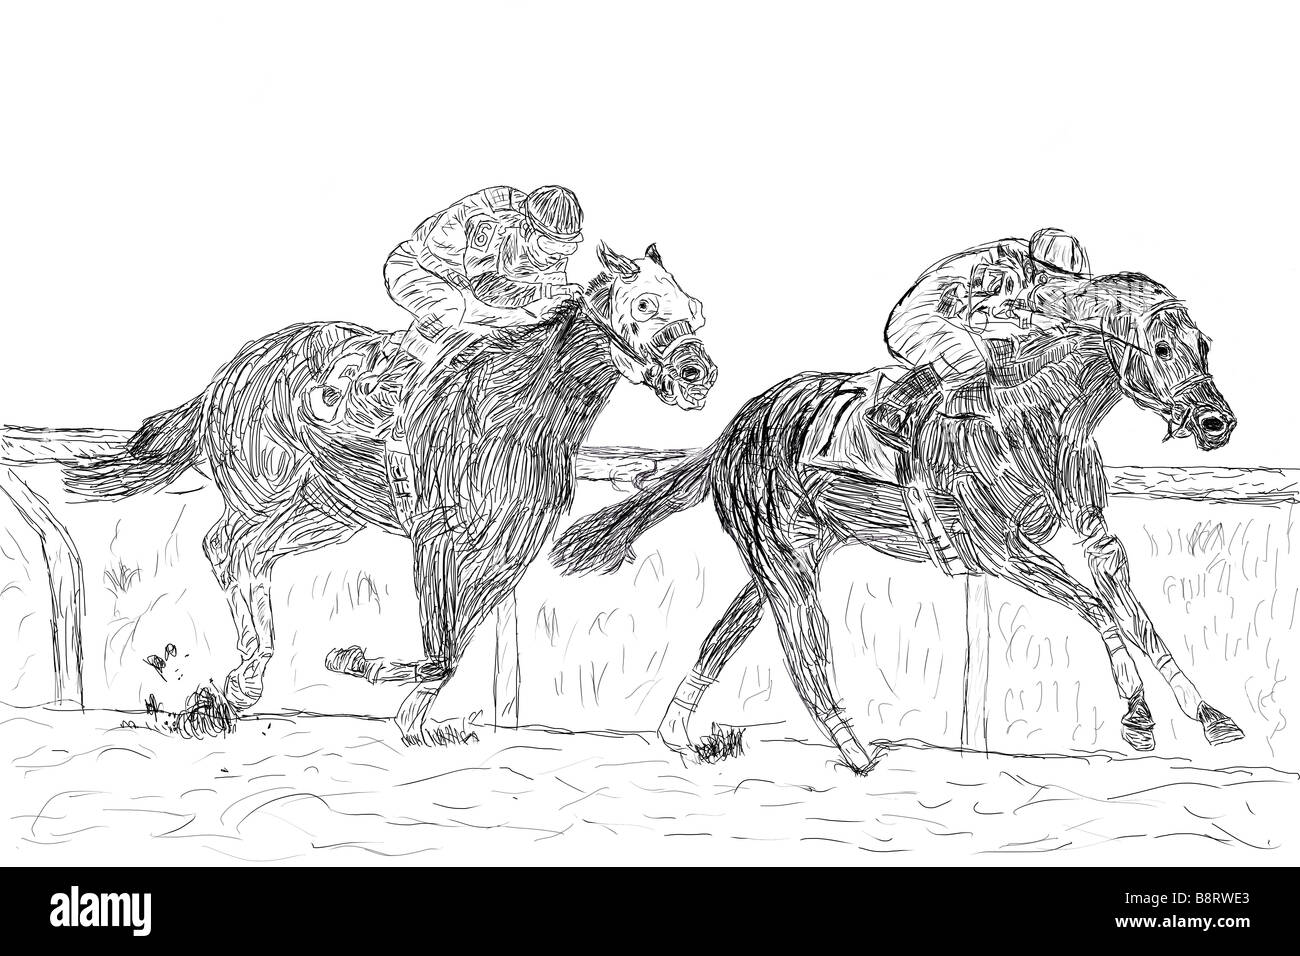 Dessin plume et encre d 39 une course de chevaux banque d - Dessin cheval de course ...